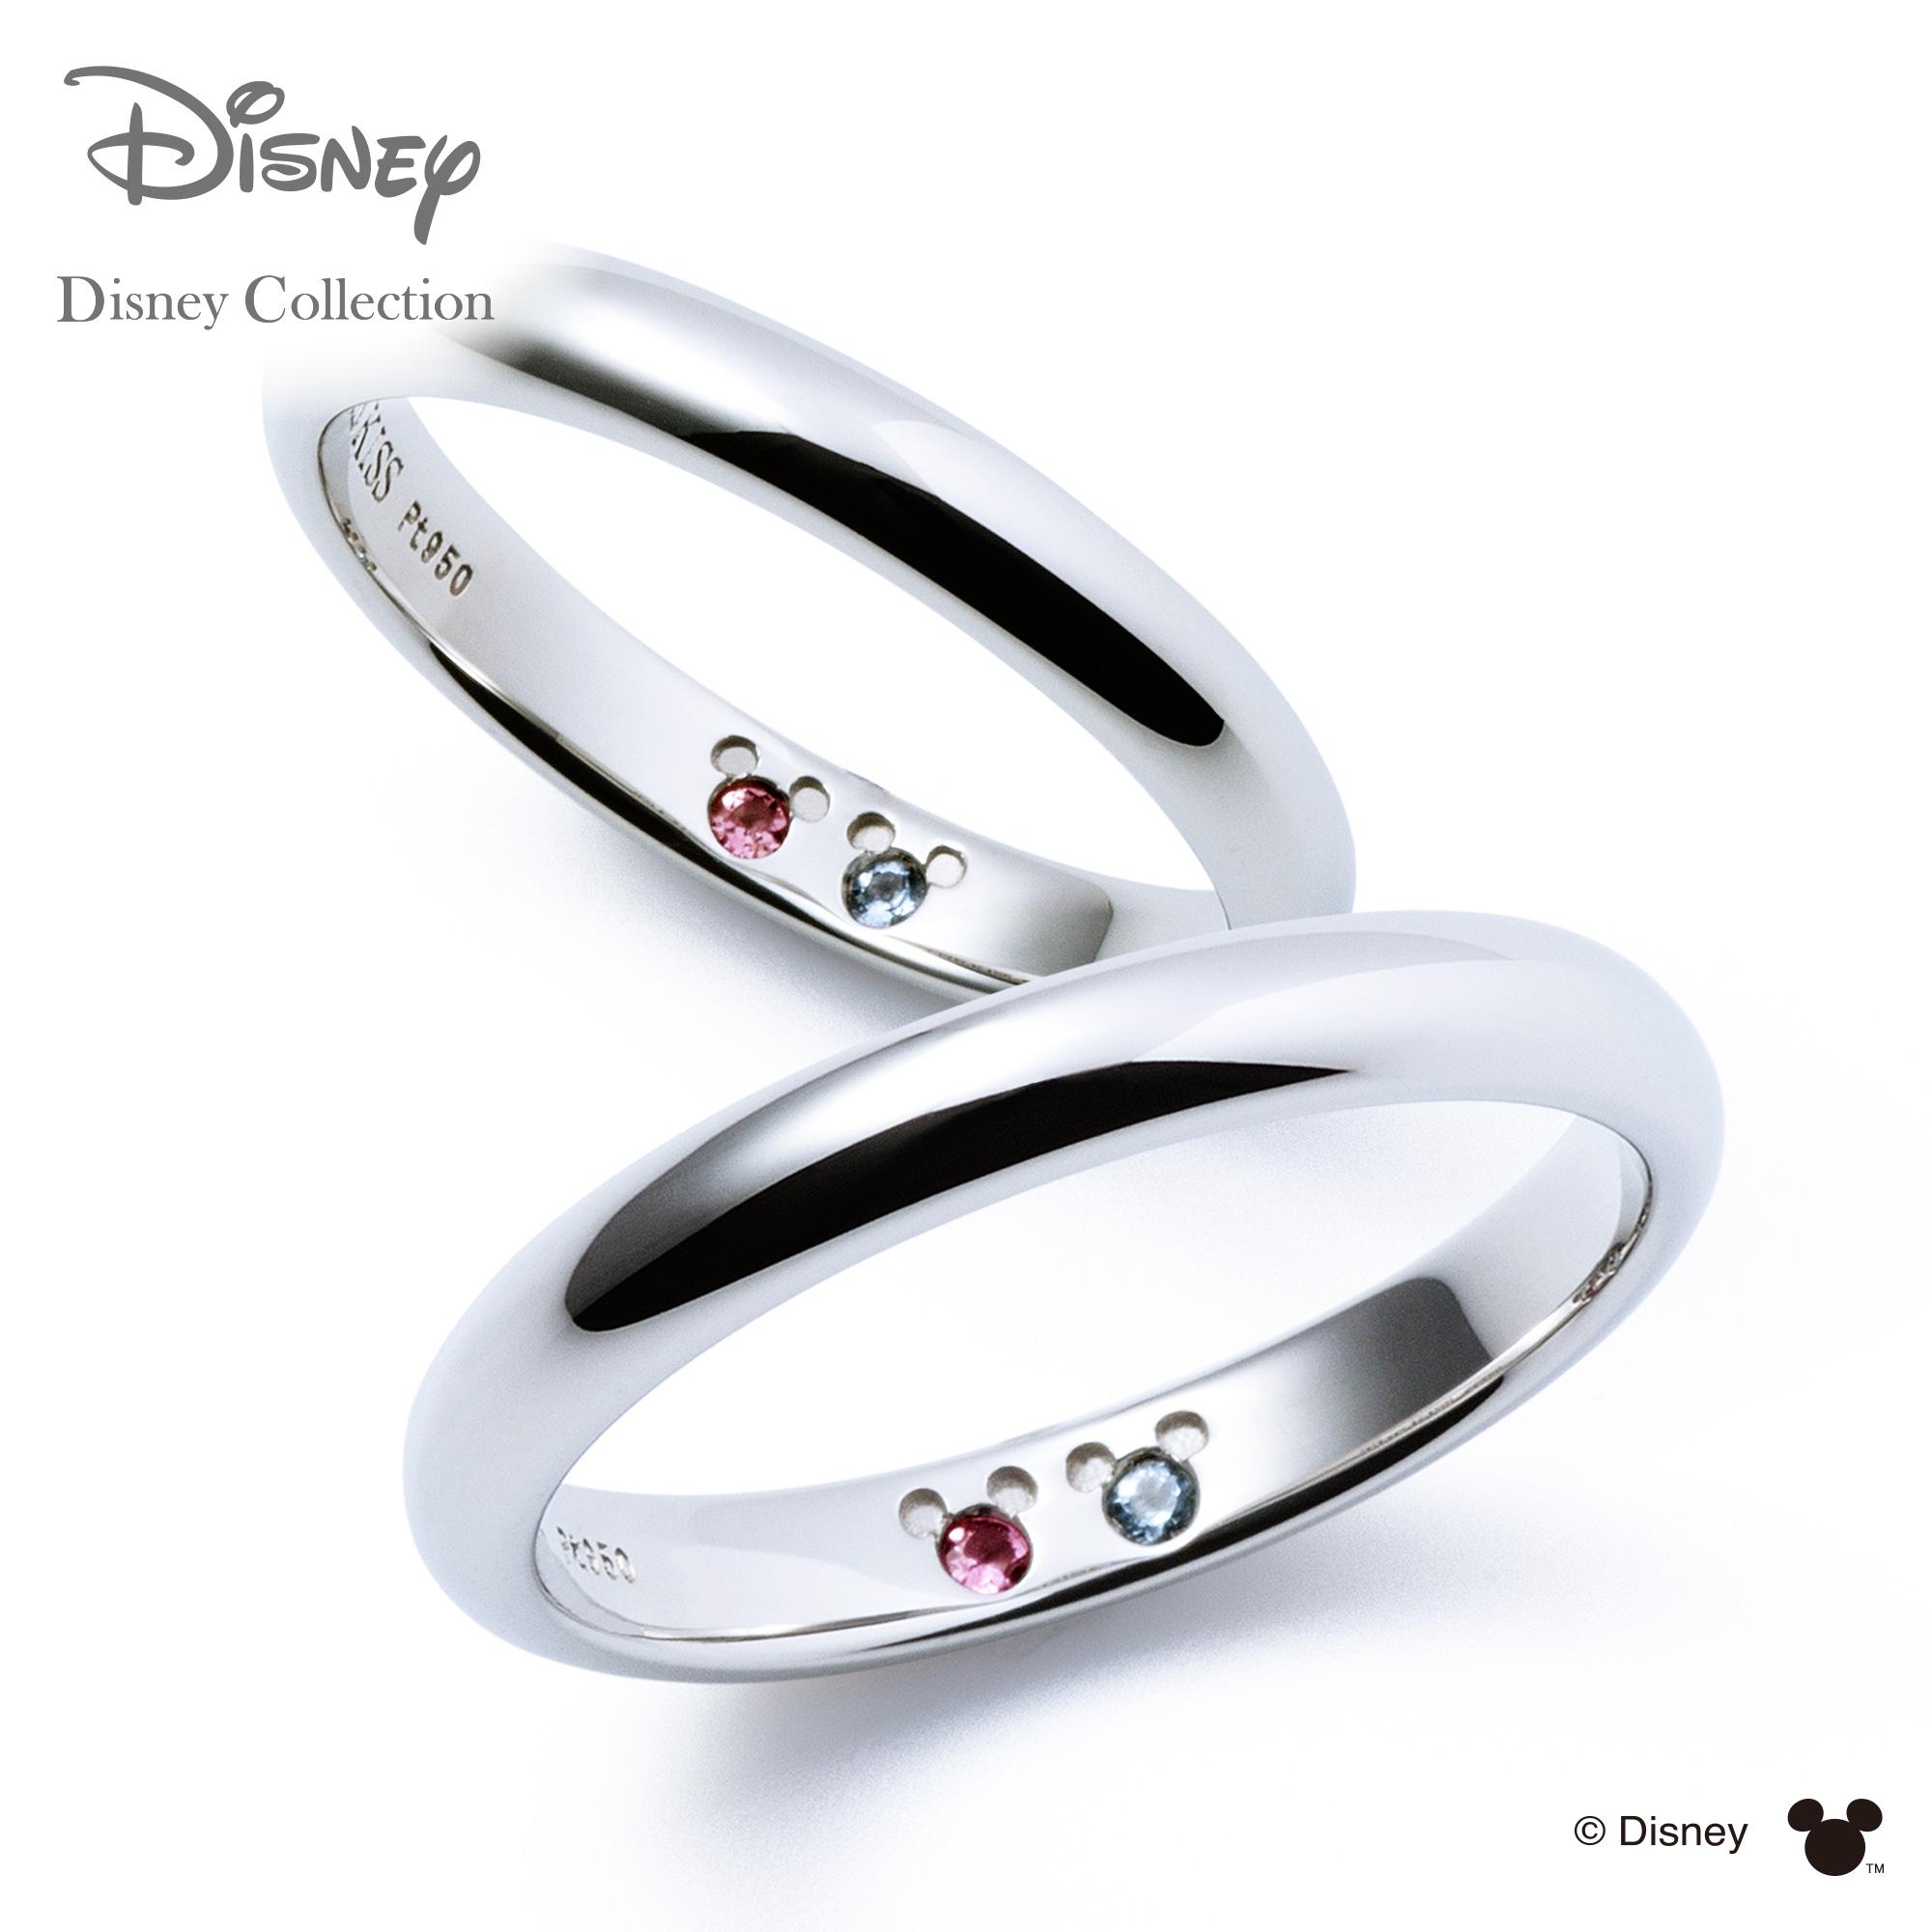 【刻印可_14文字】【ディズニーコレクション】 ディズニー / プラチナ マリッジ リング 結婚指輪 / 隠れミッキーマウス / ペアリング THE KISS リング・指輪 誕生石 DI-7061104502-P セット シンプル ザキス 【送料無料】